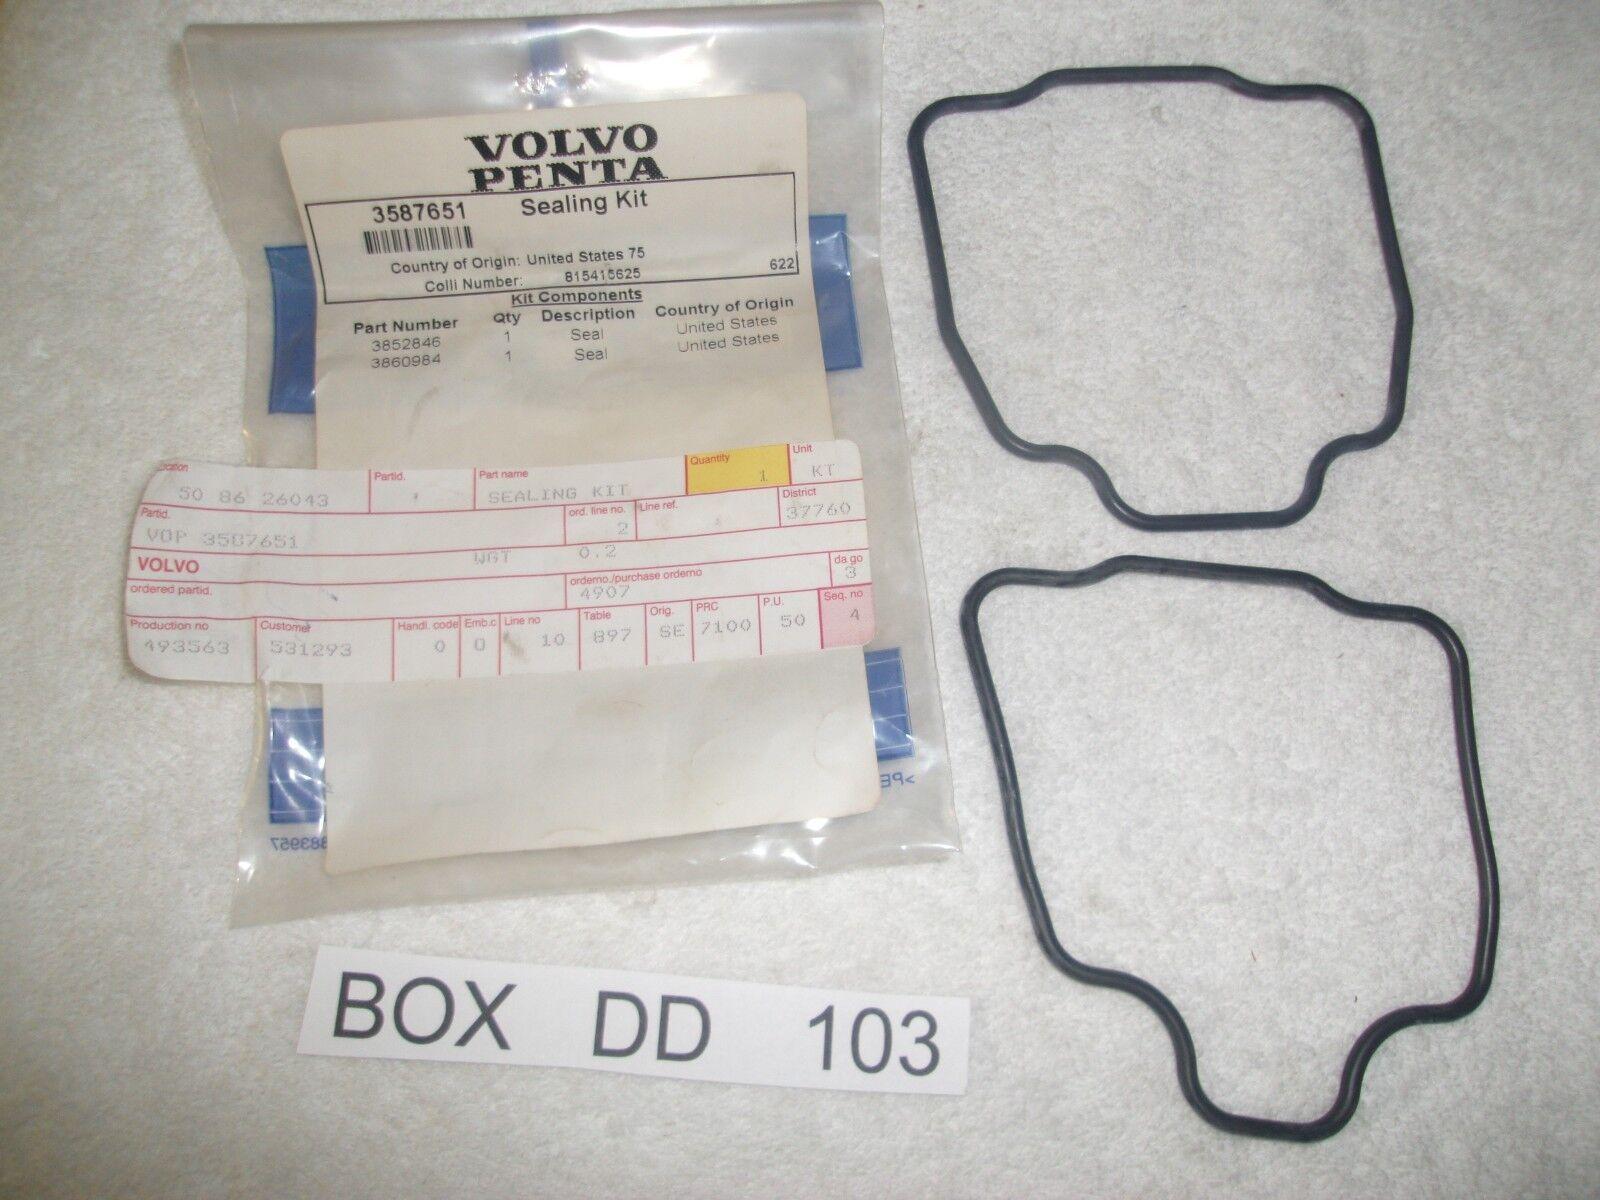 Volvo Sealing Kit 3587651 3852846 3860984